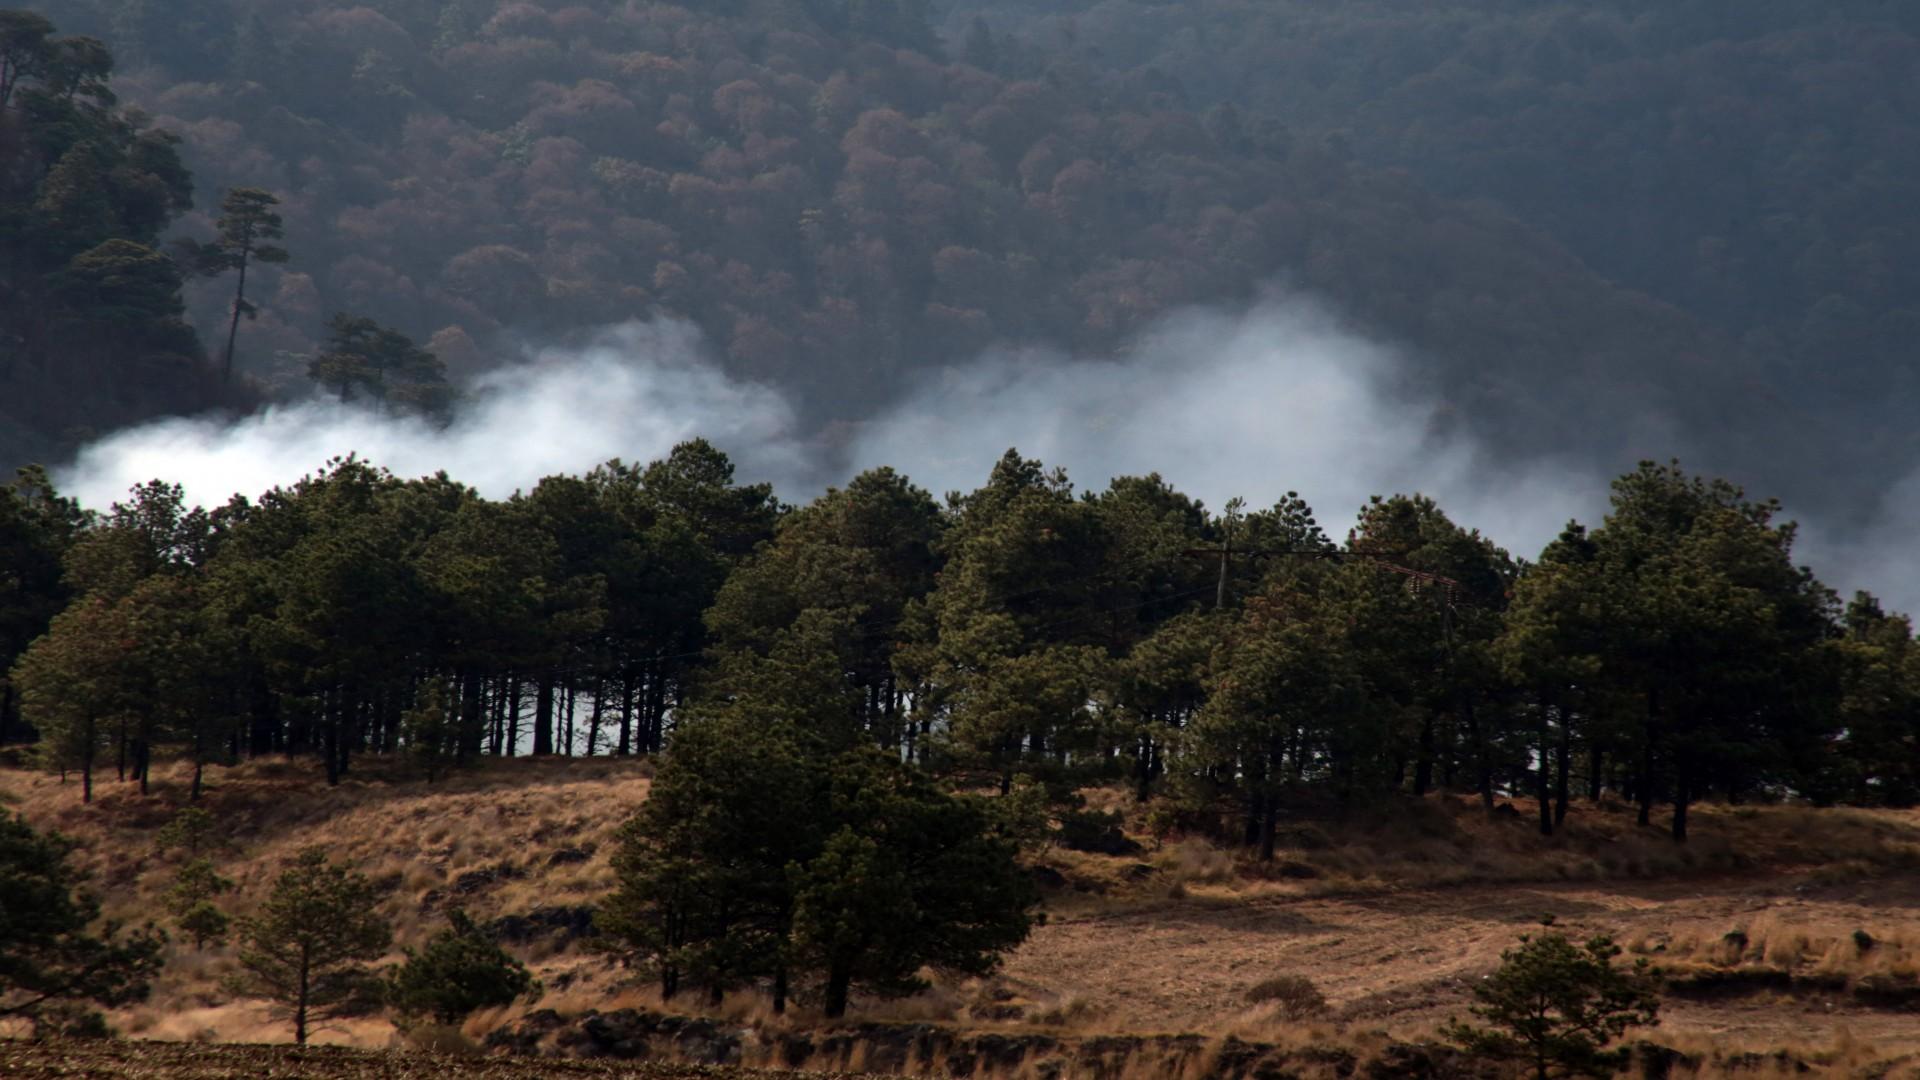 Las actividades agrícolas son la principal causa de incendios (Foto: Cuartoscuro)